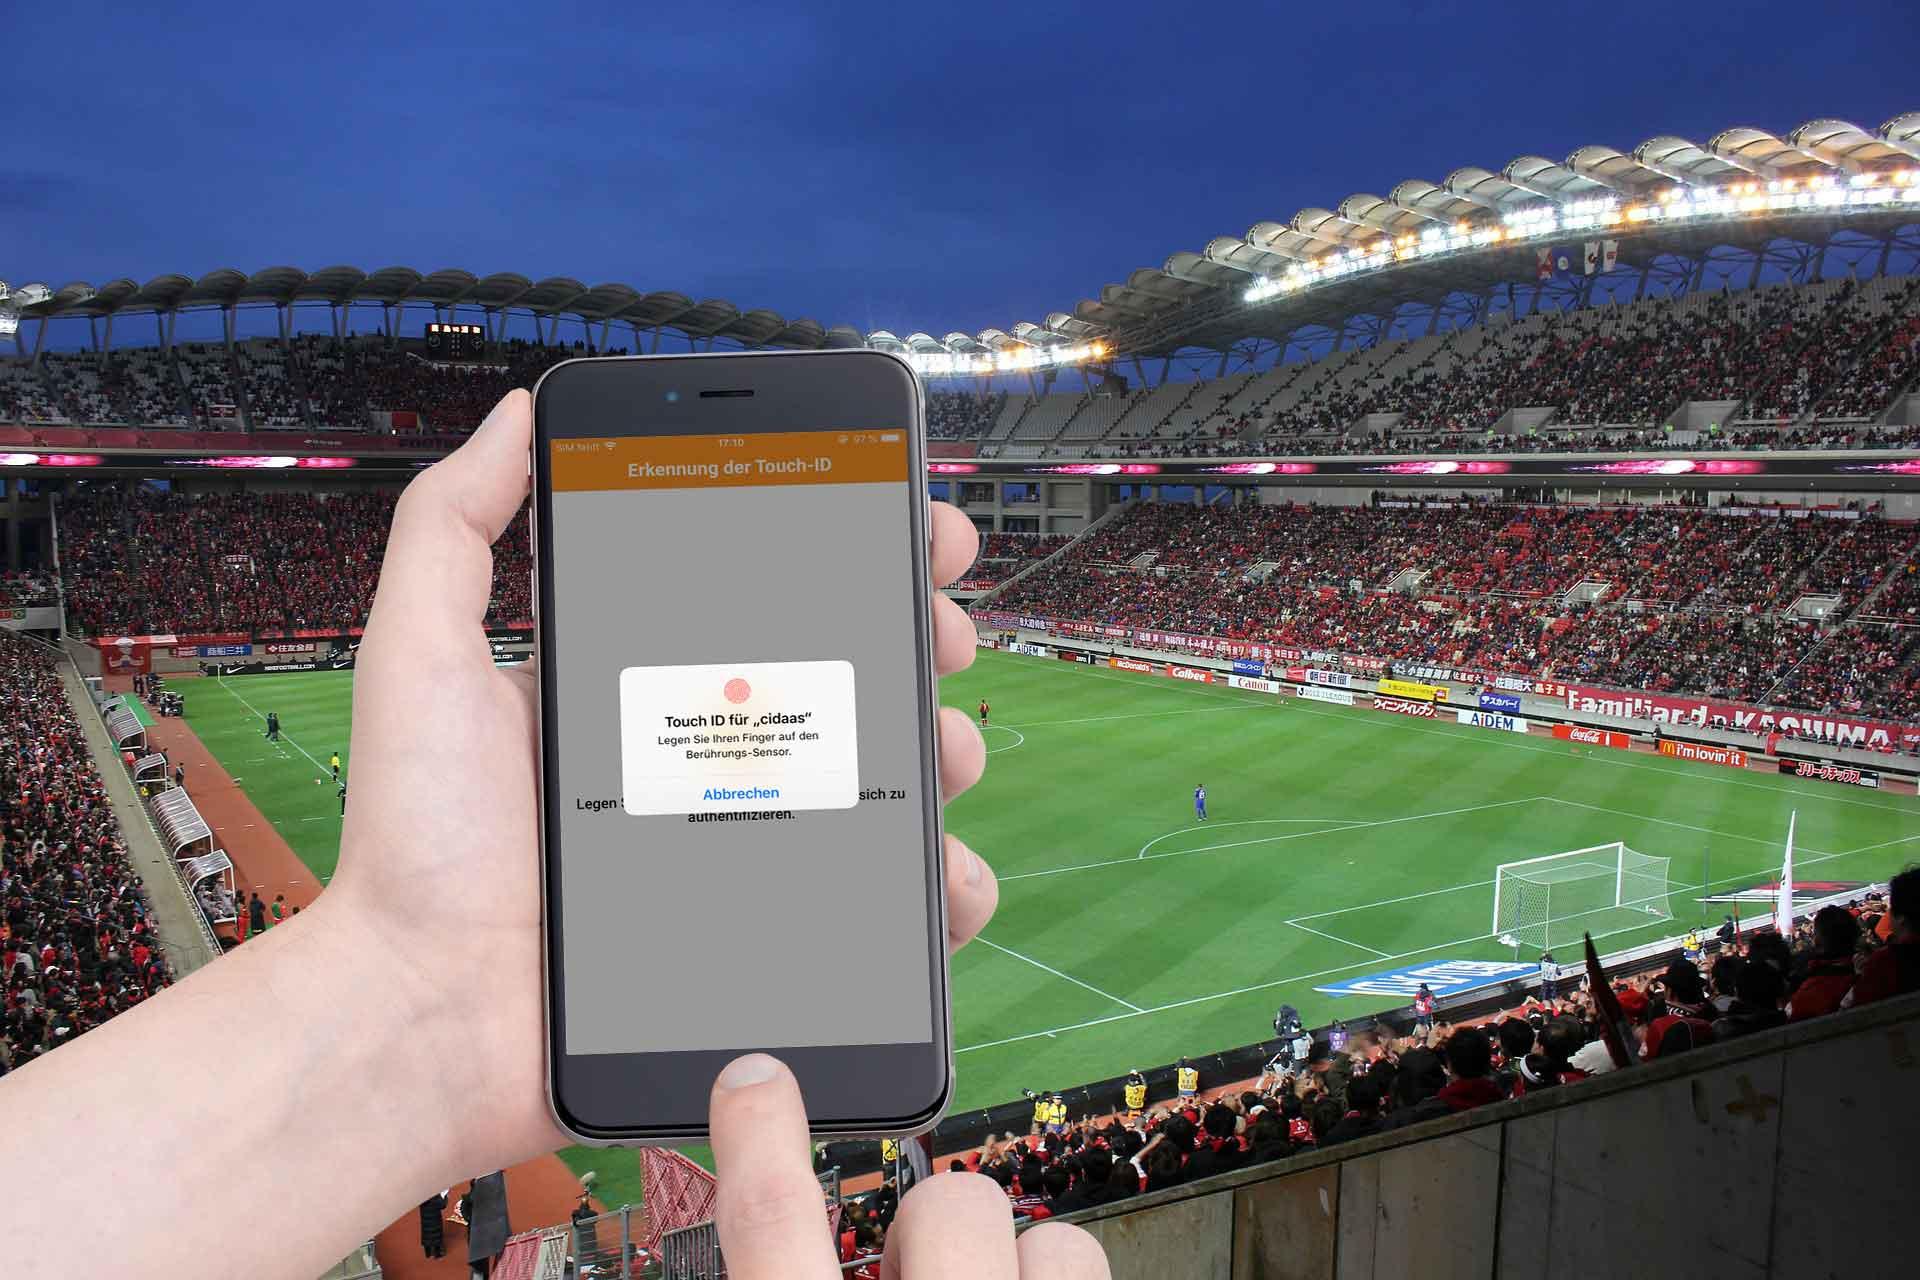 Erkennen Sie Ihre Fans durch cidaas am Eingang und stellen Sie ihm personalisierte Informationen zur Verfügung